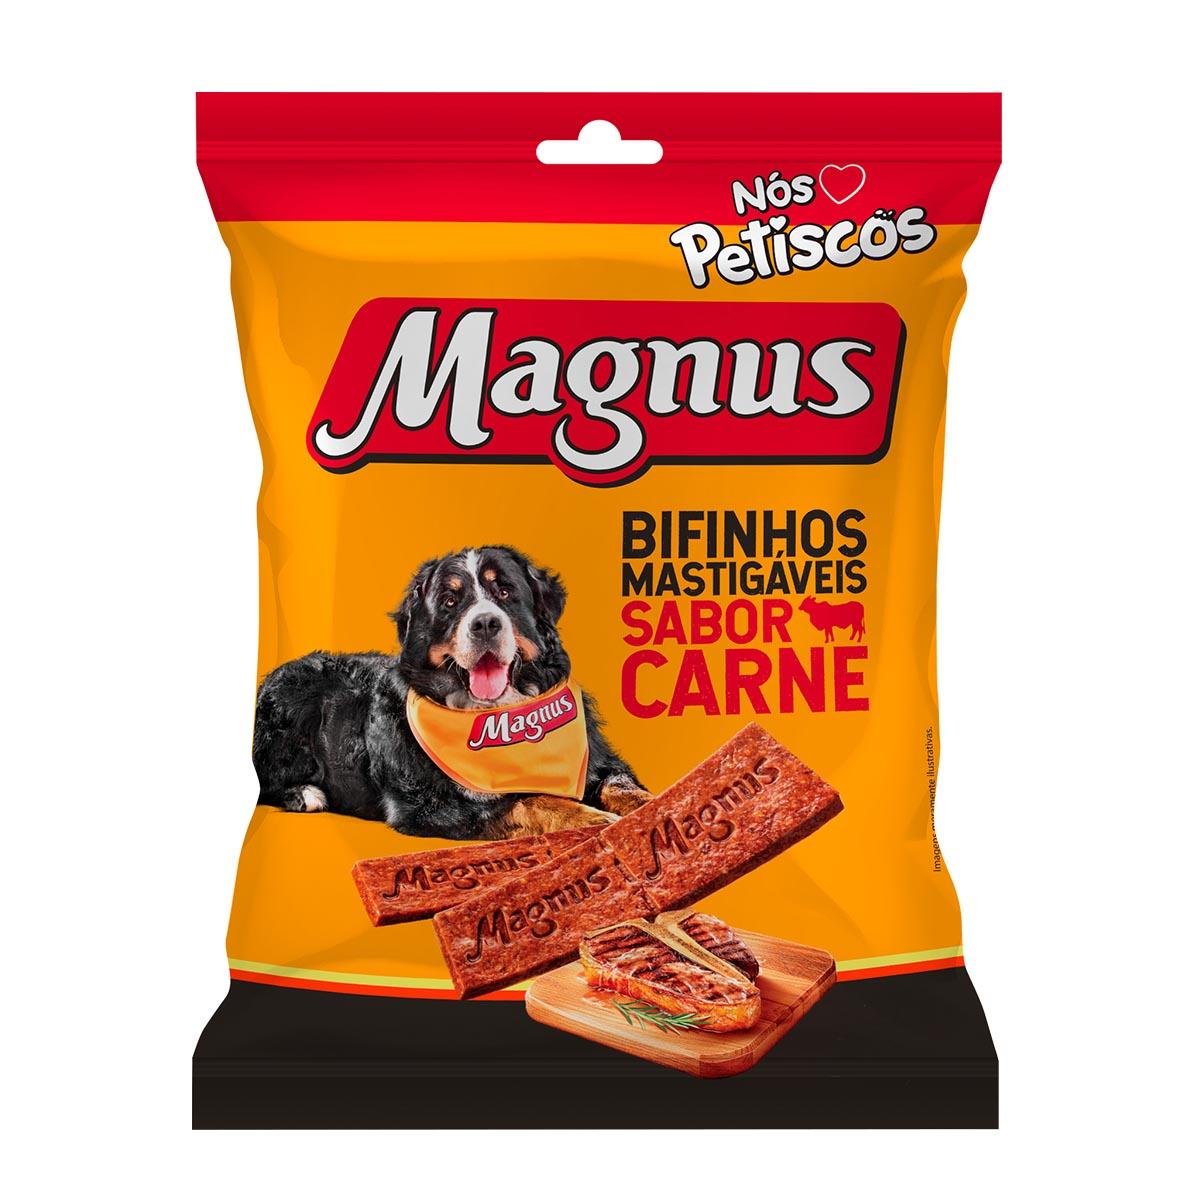 Magnus Bifinho Mastigável Sabor Carne